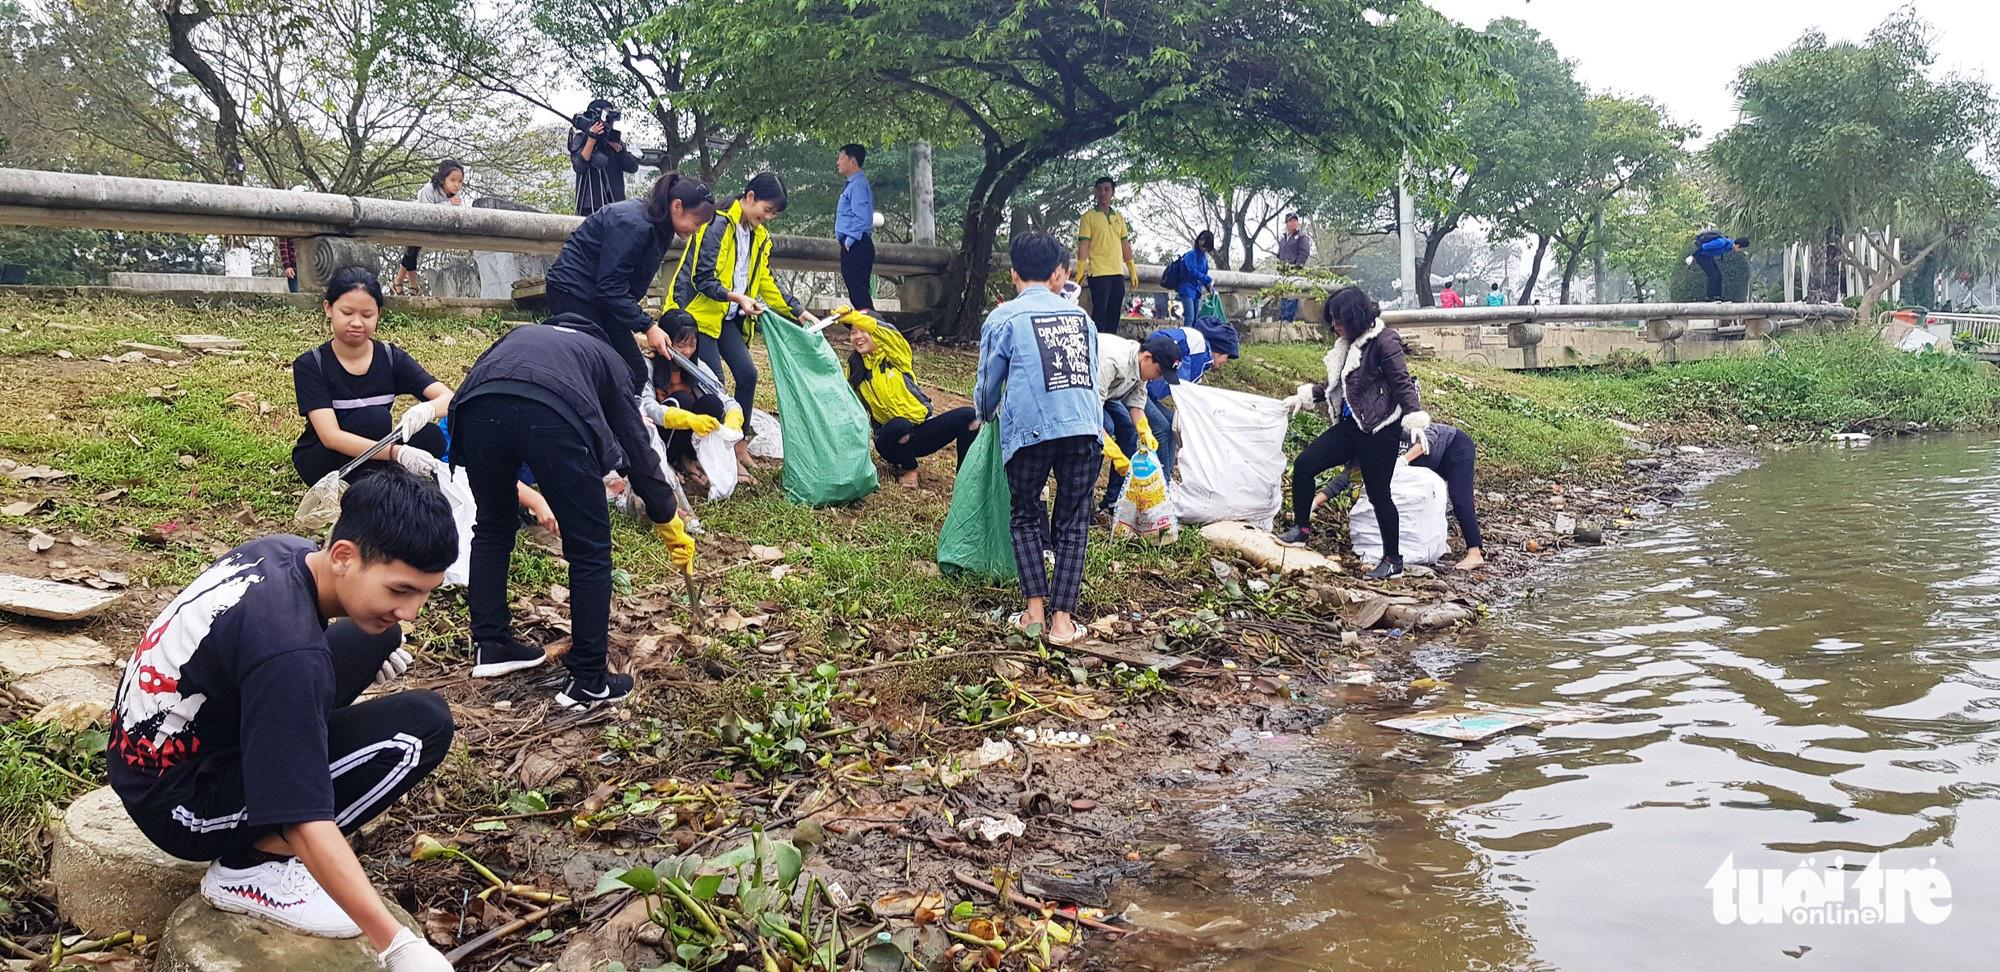 Theo trào lưu Facebook, Huế mở cuộc thi thử thách dọn rác - Ảnh 1.